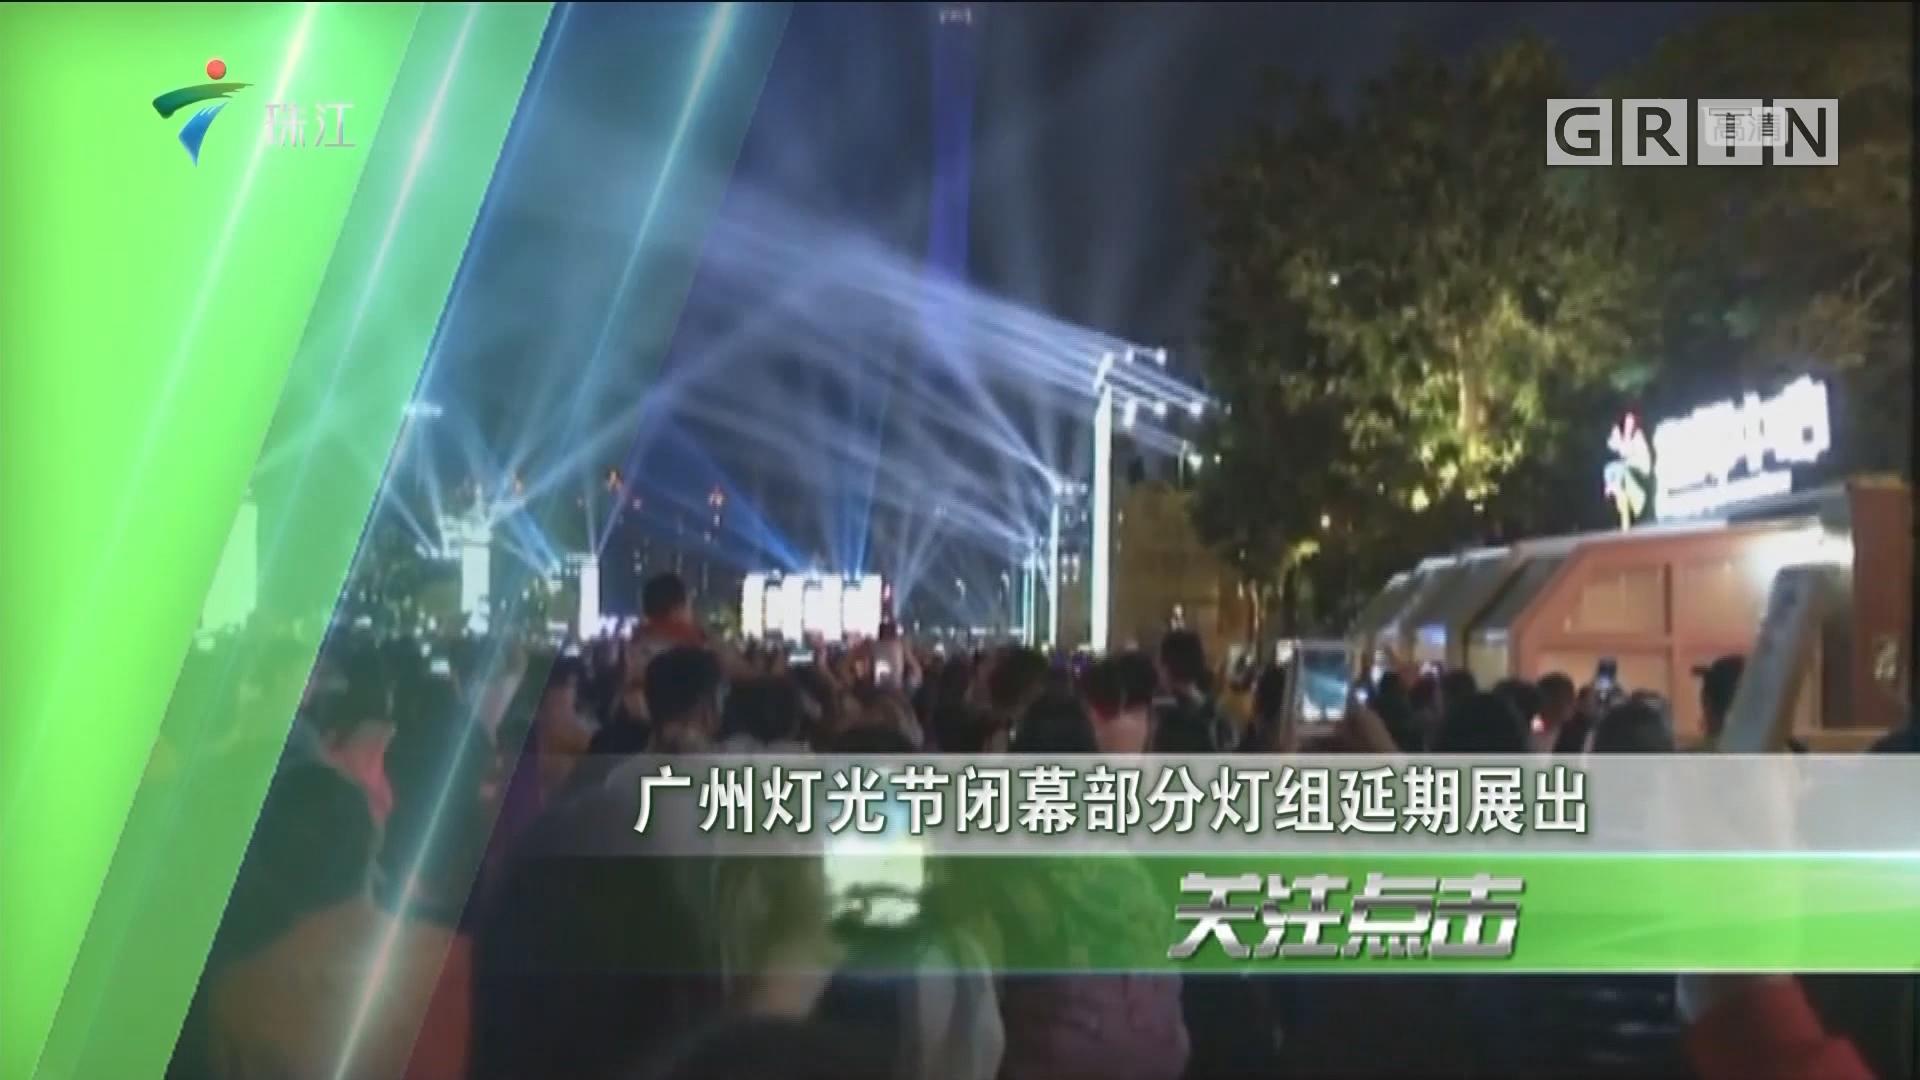 广州灯光节闭幕部分灯组延期展出